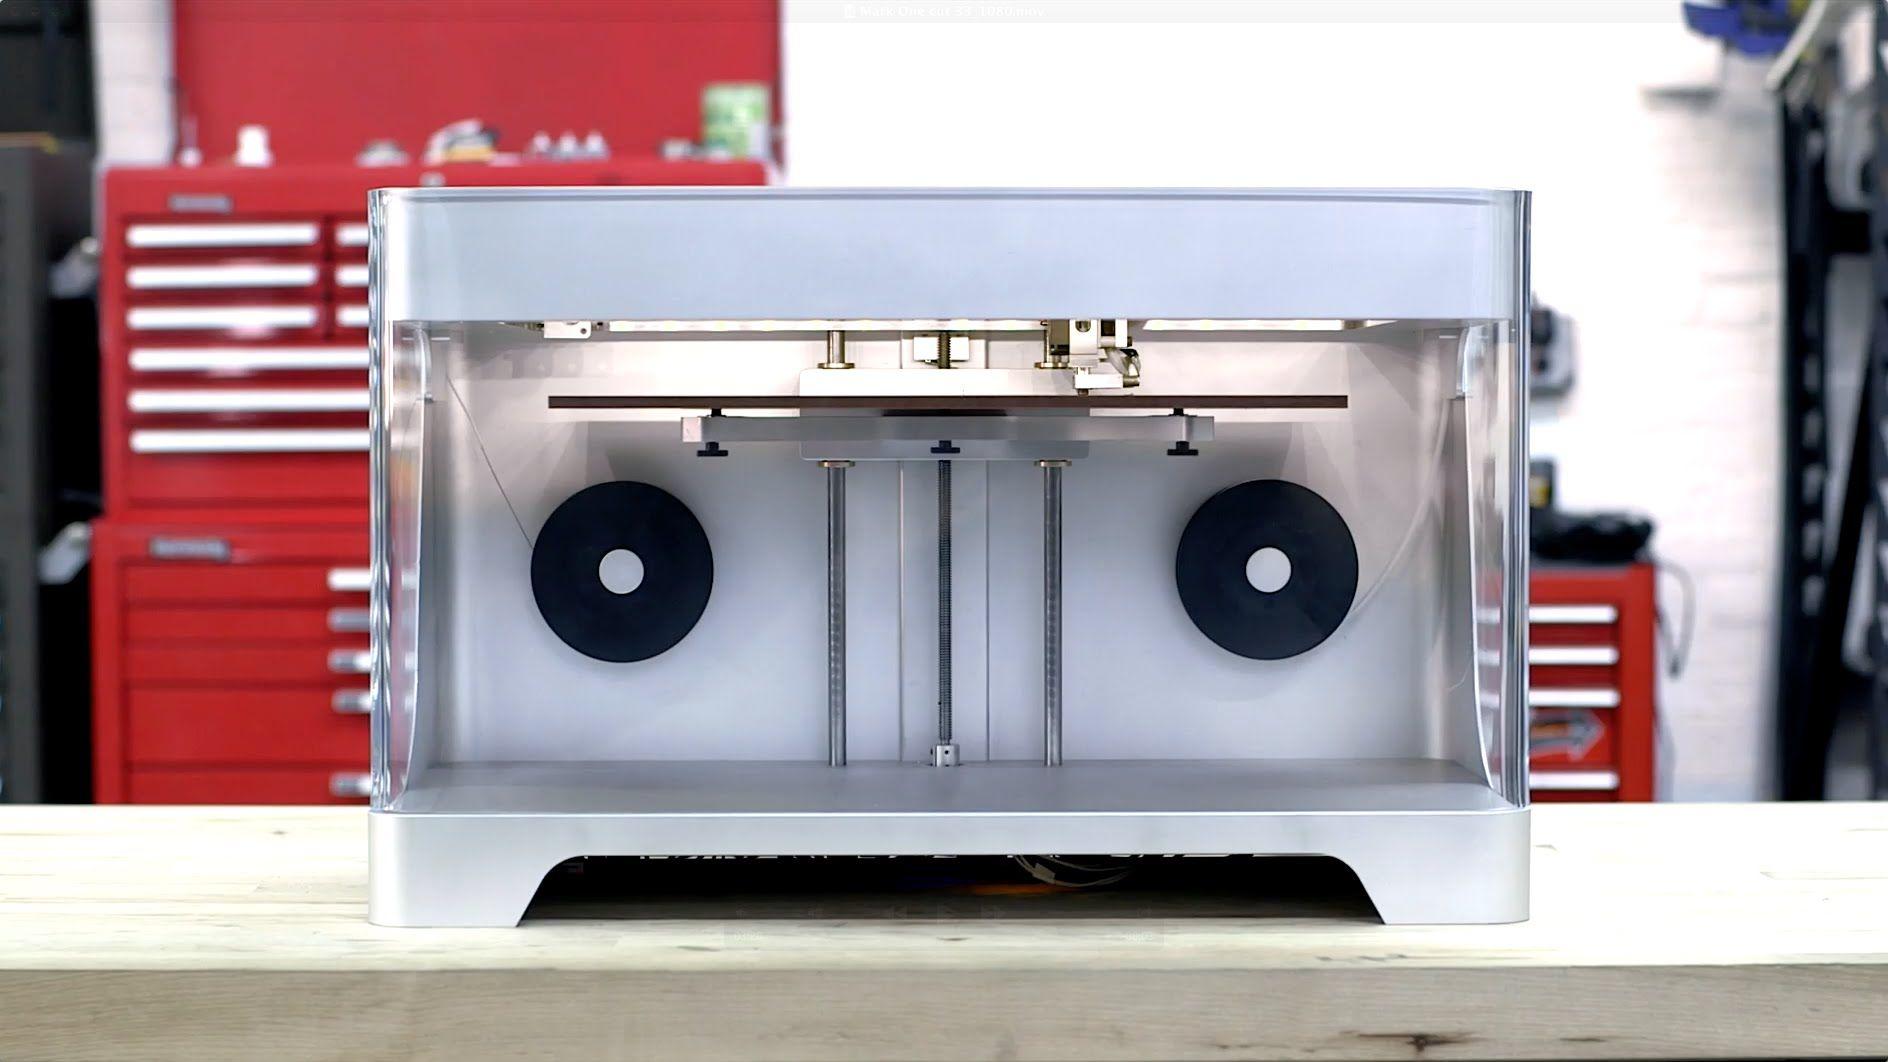 Meet the Mark One the world's first Carbon Fiber 3D